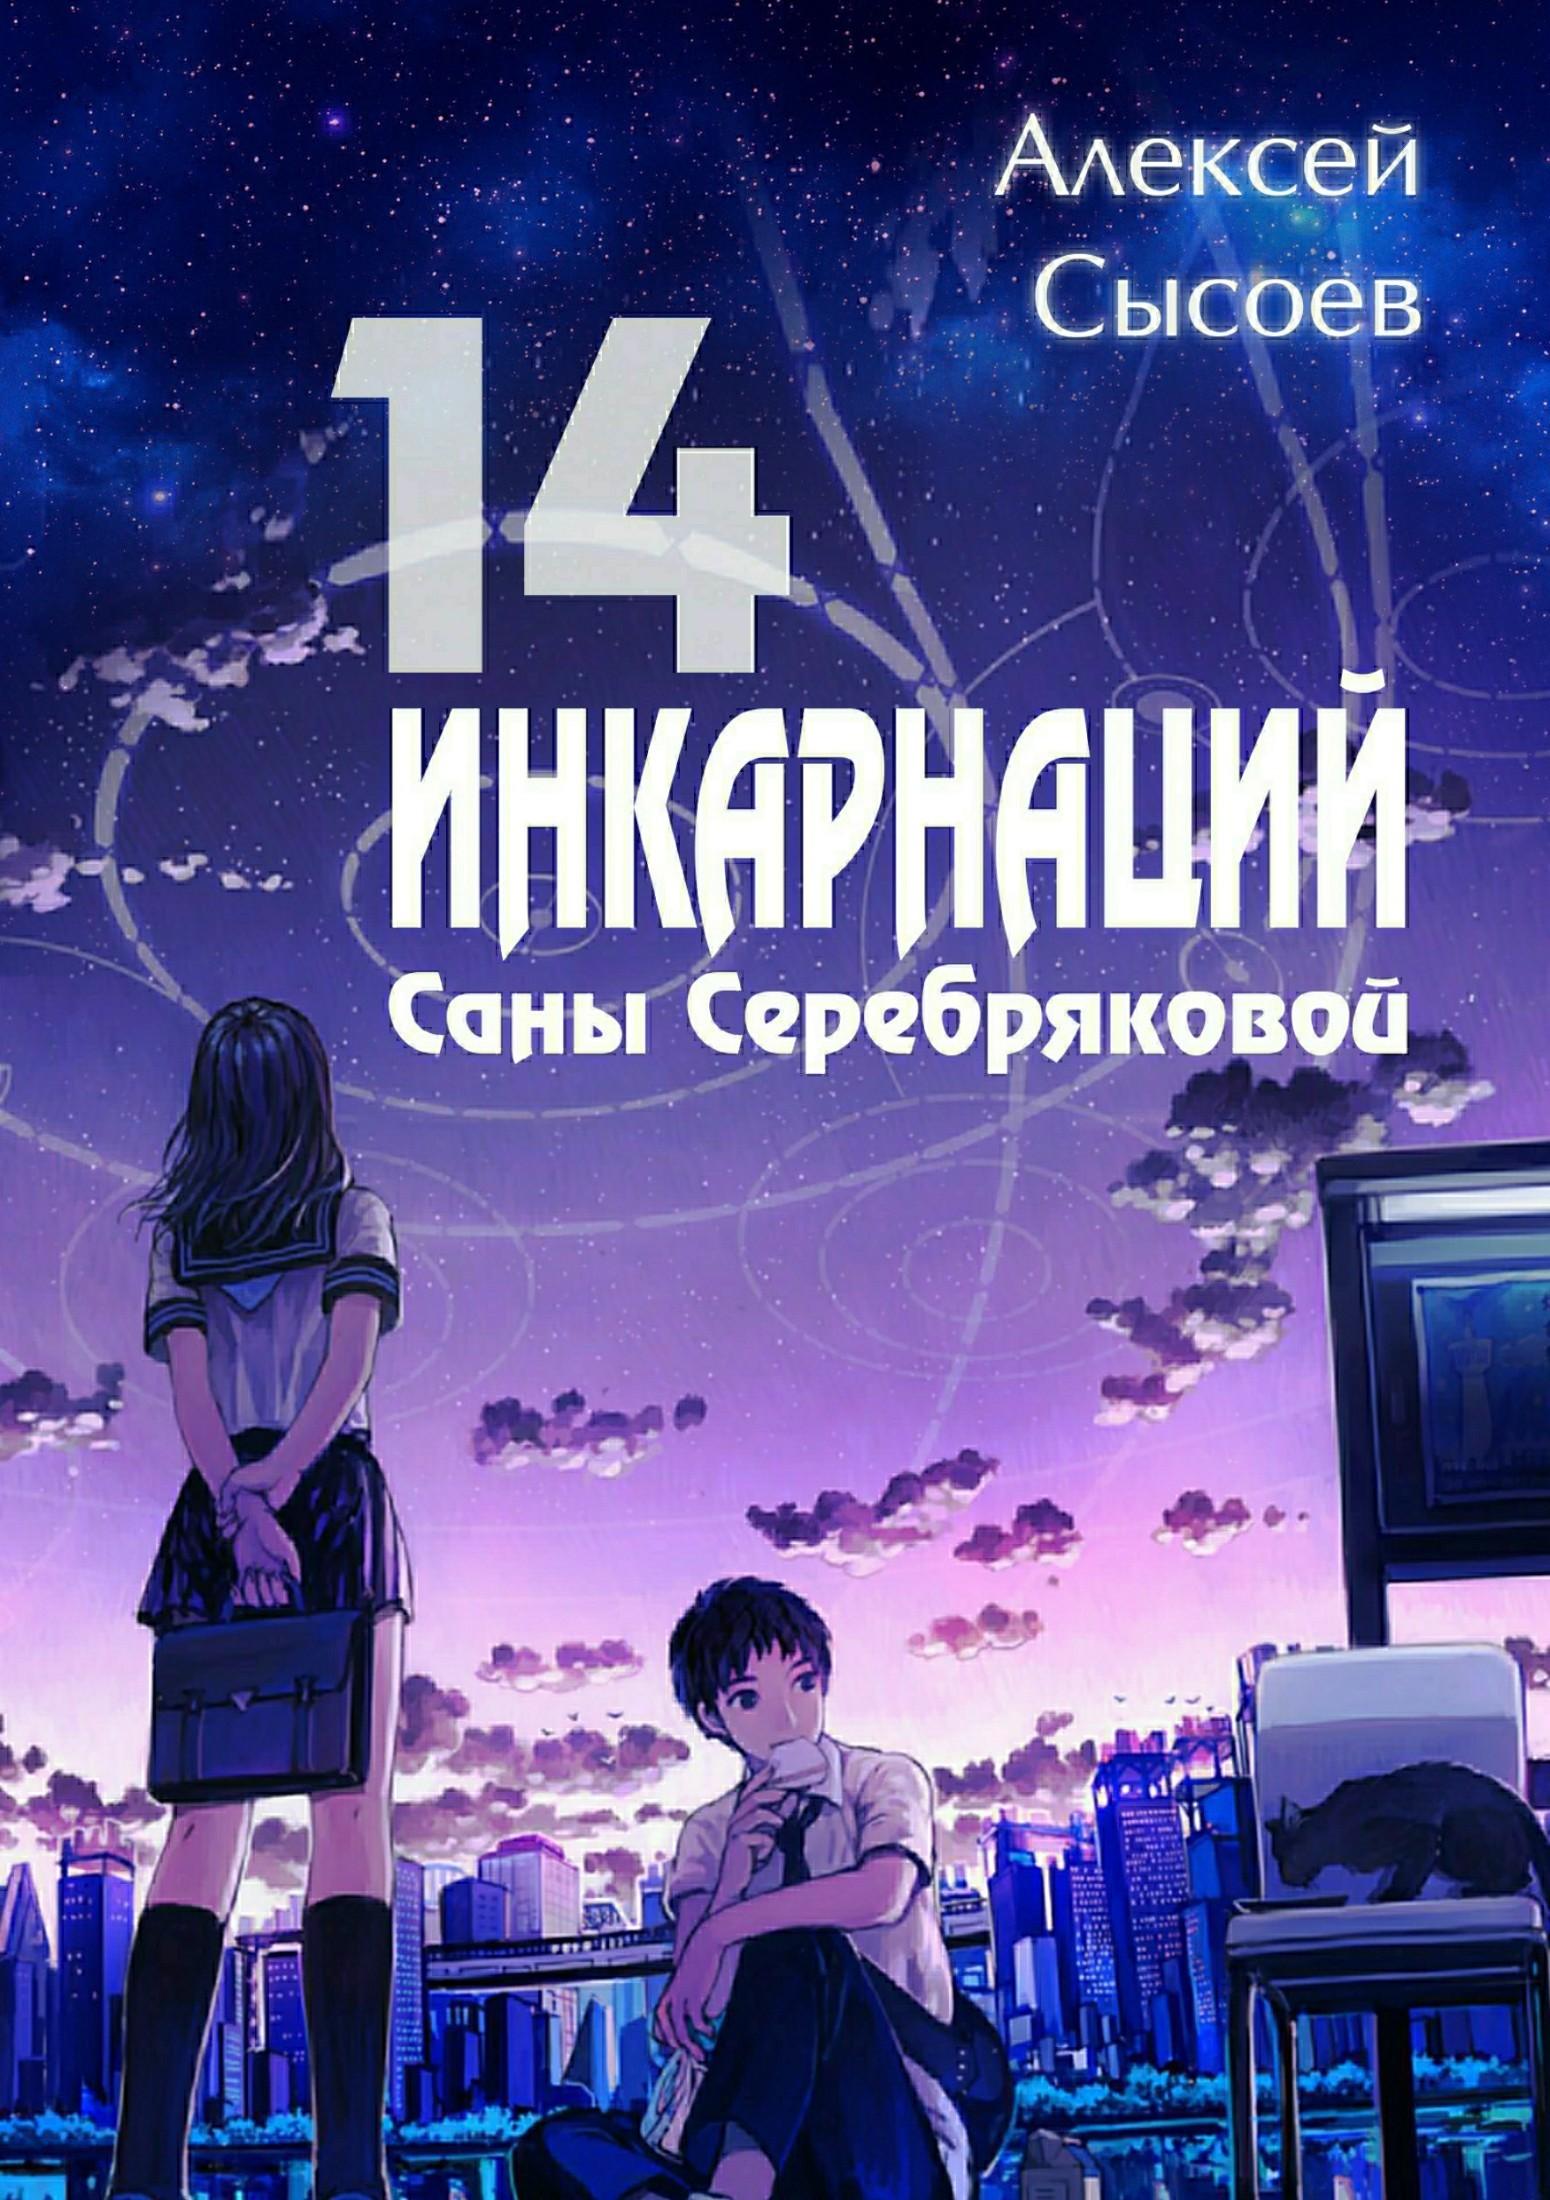 Алексей Сысоев - 14 инкарнаций Саны Серебряковой